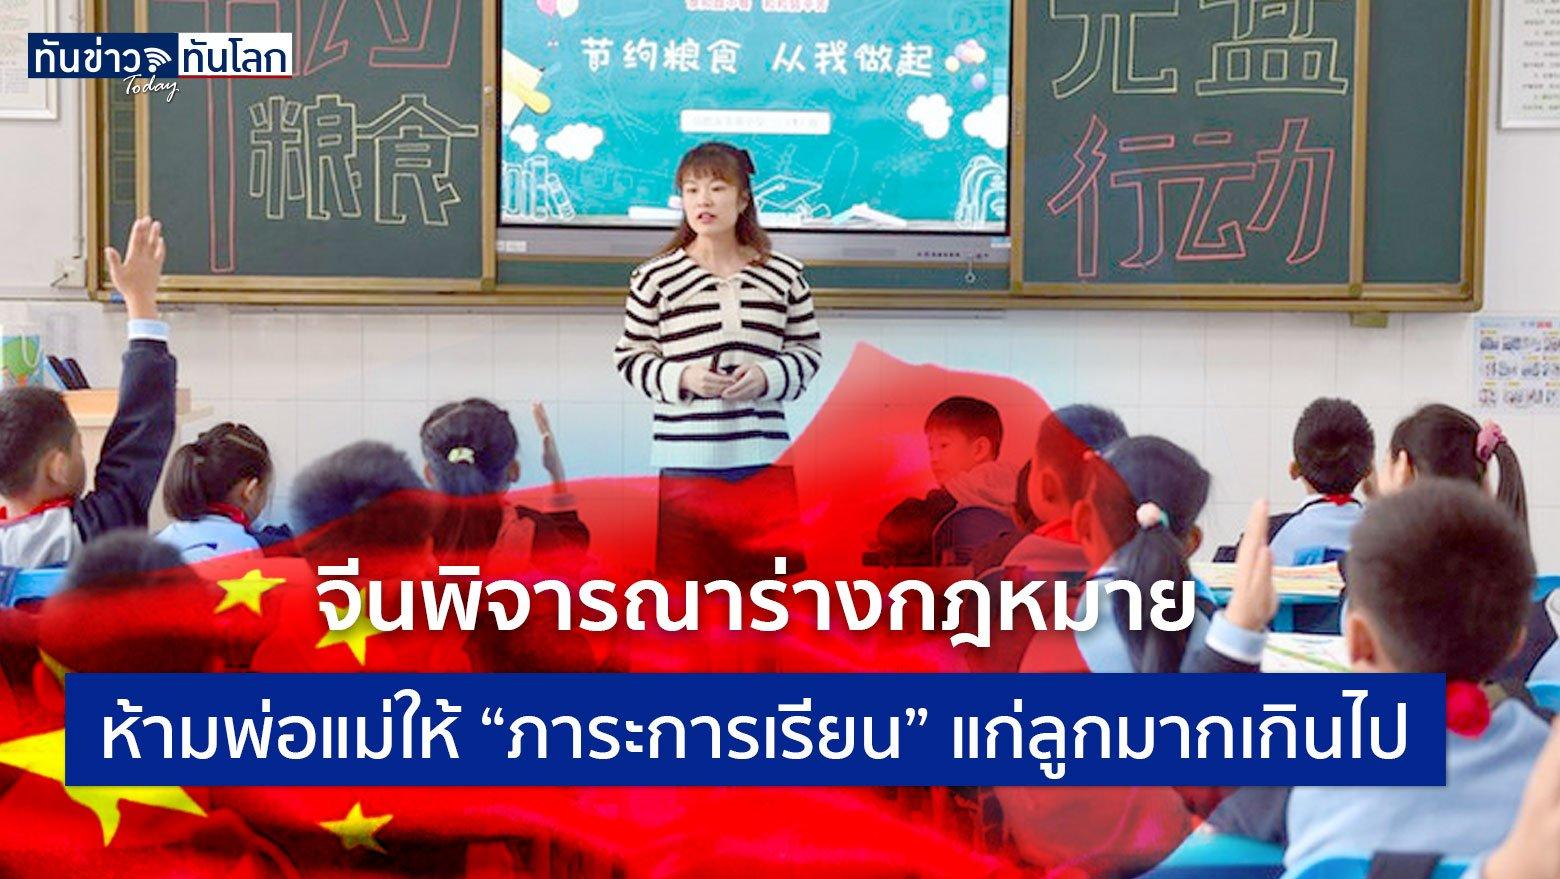 """จีนพิจารณาร่างกฎหมายห้ามพ่อแม่ให้ """"ภาระการเรียน"""" แก่ลูกมากเกินไป"""